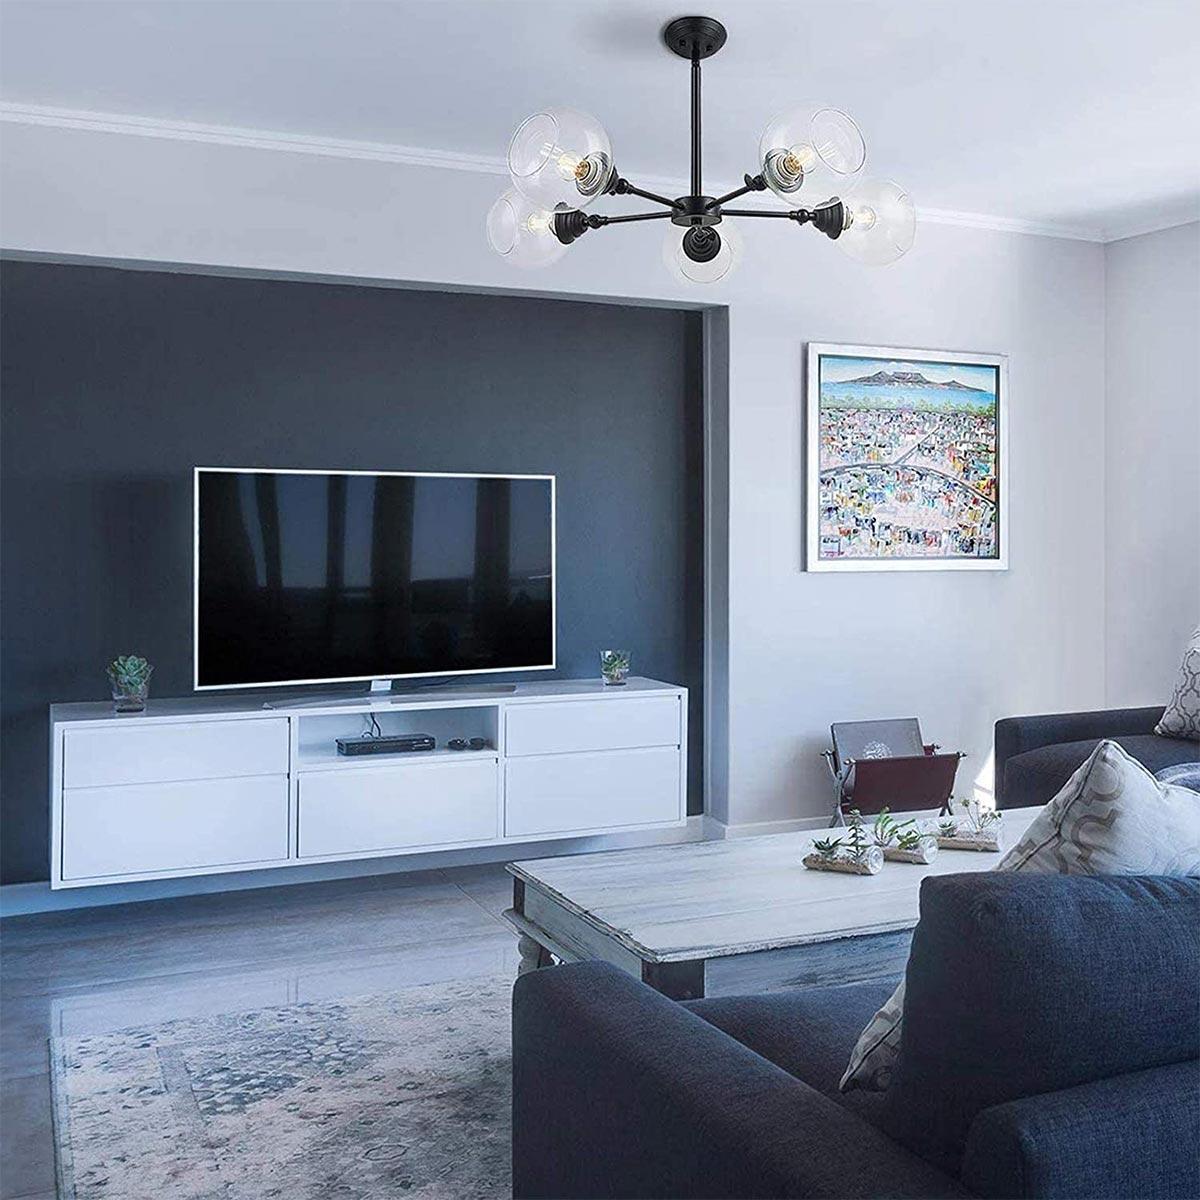 Phòng khách sử dụng acrylic